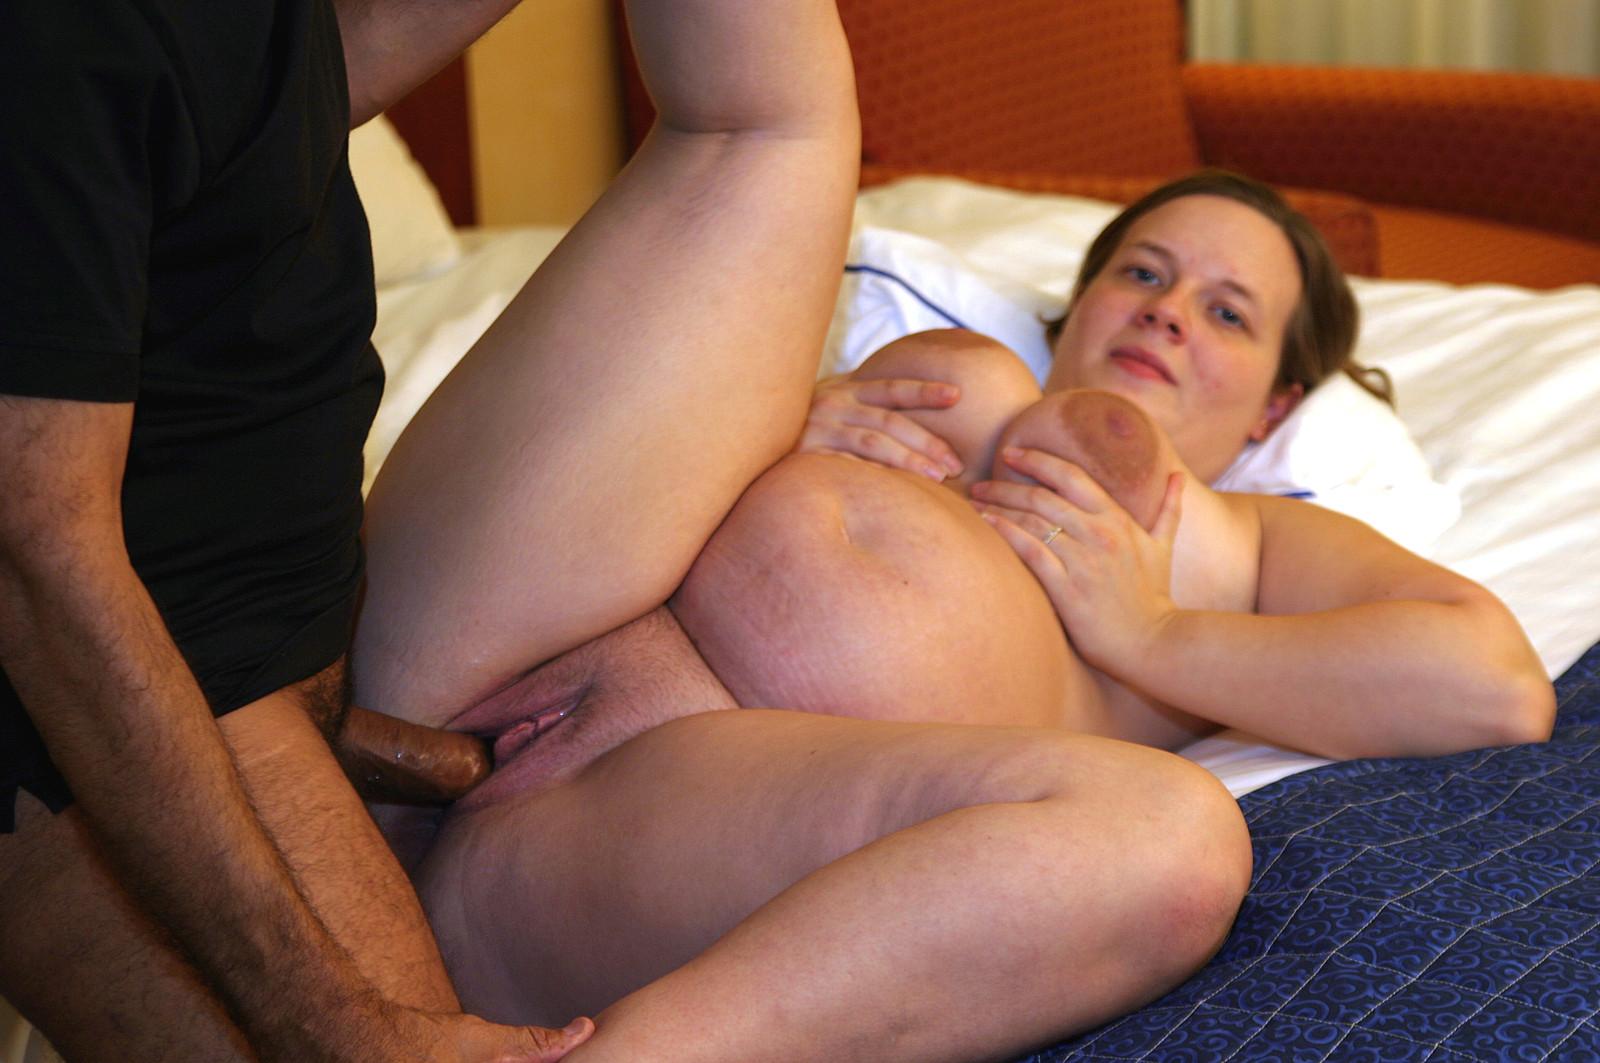 Секс с беременной тройней фото, Порно фото беременных 5 фотография